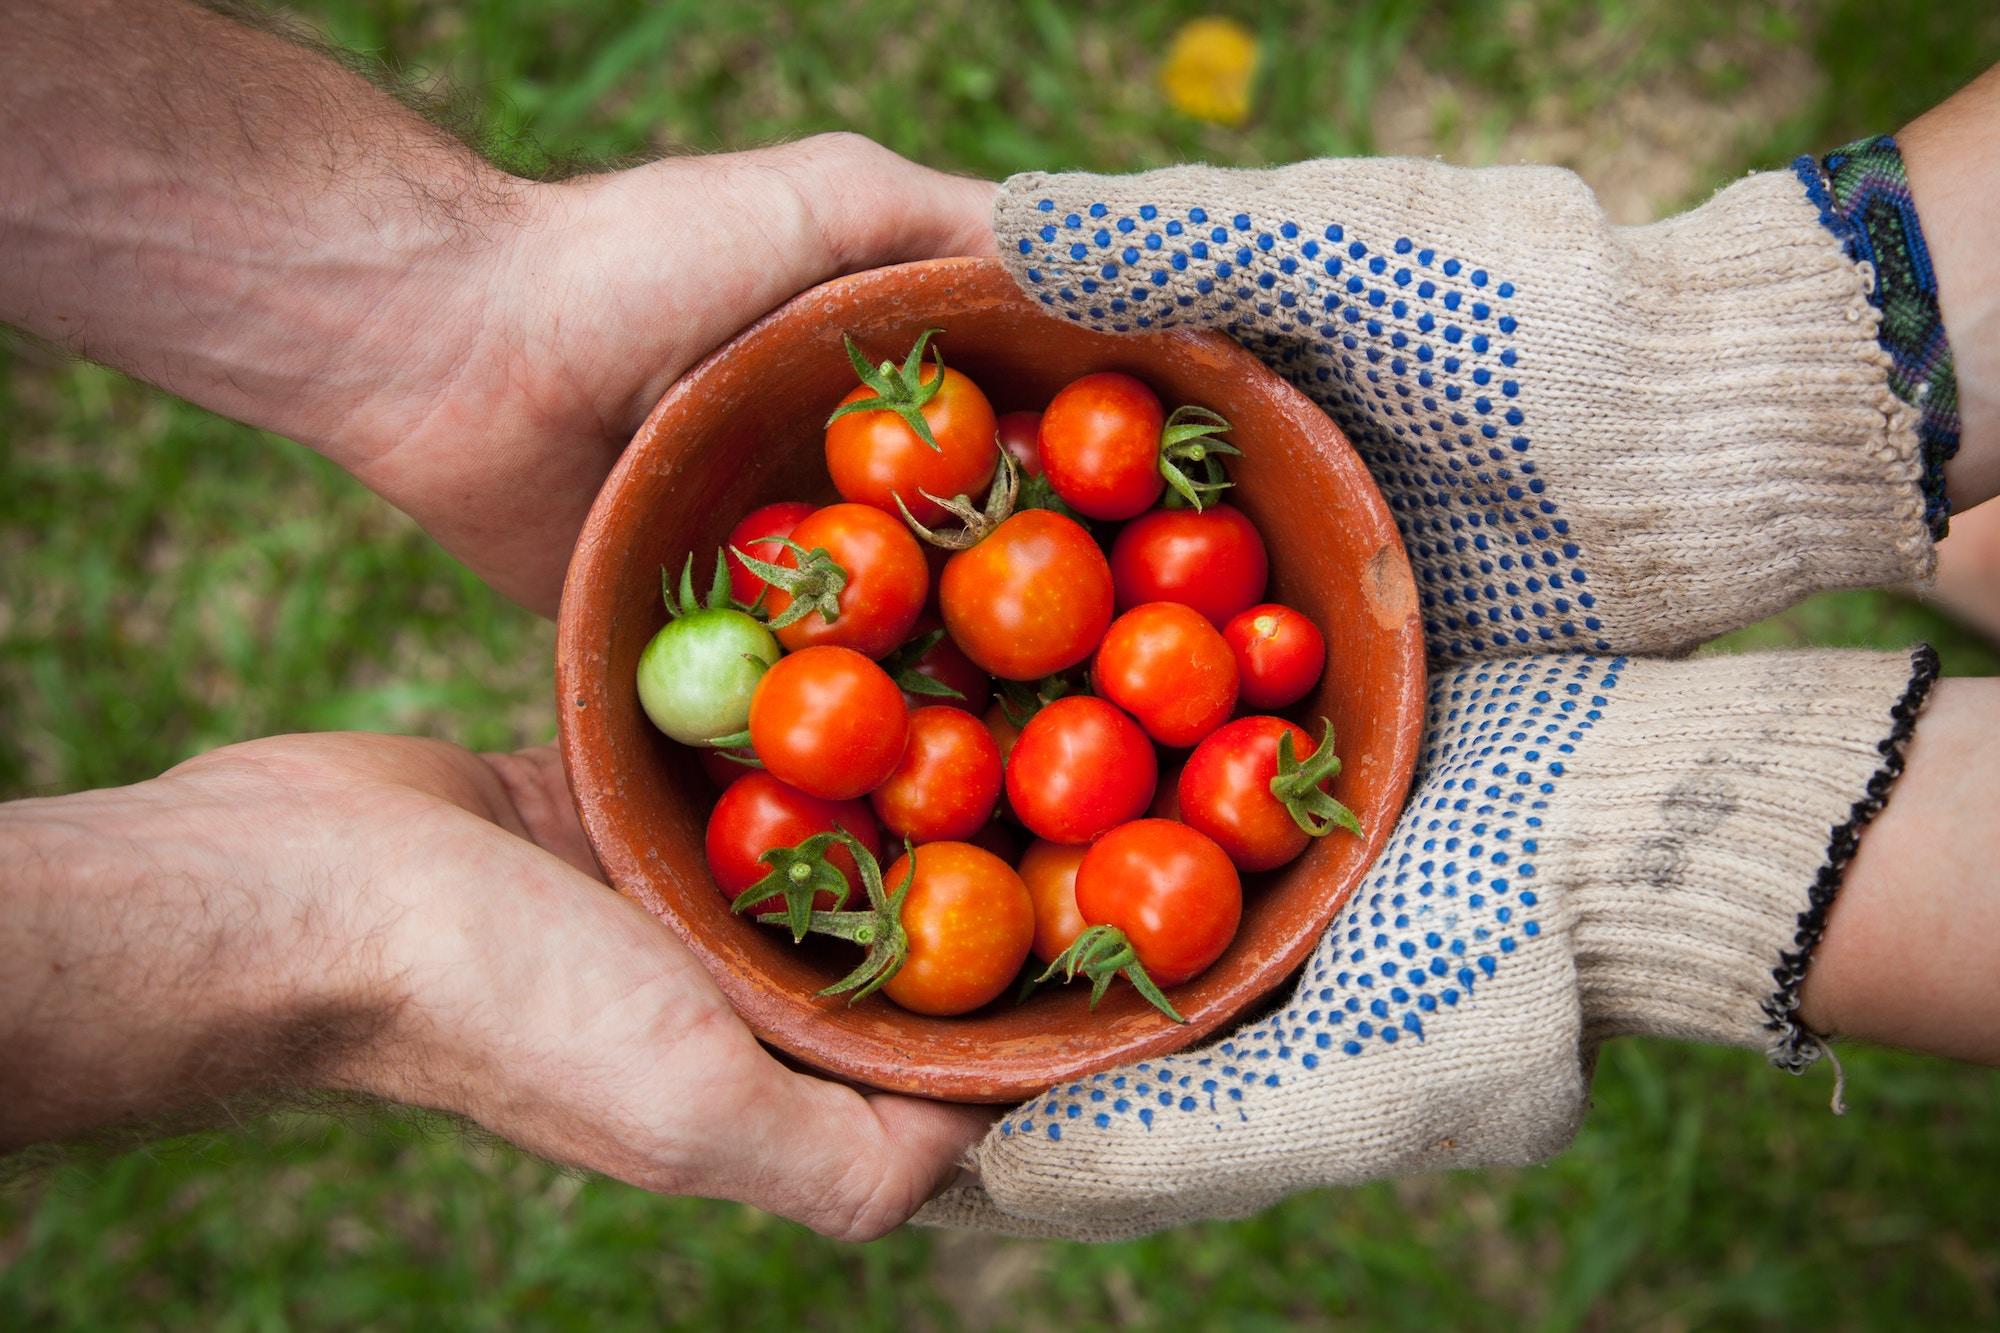 Японці придбали виробника насіння з України для 3,5 тис агрофірм